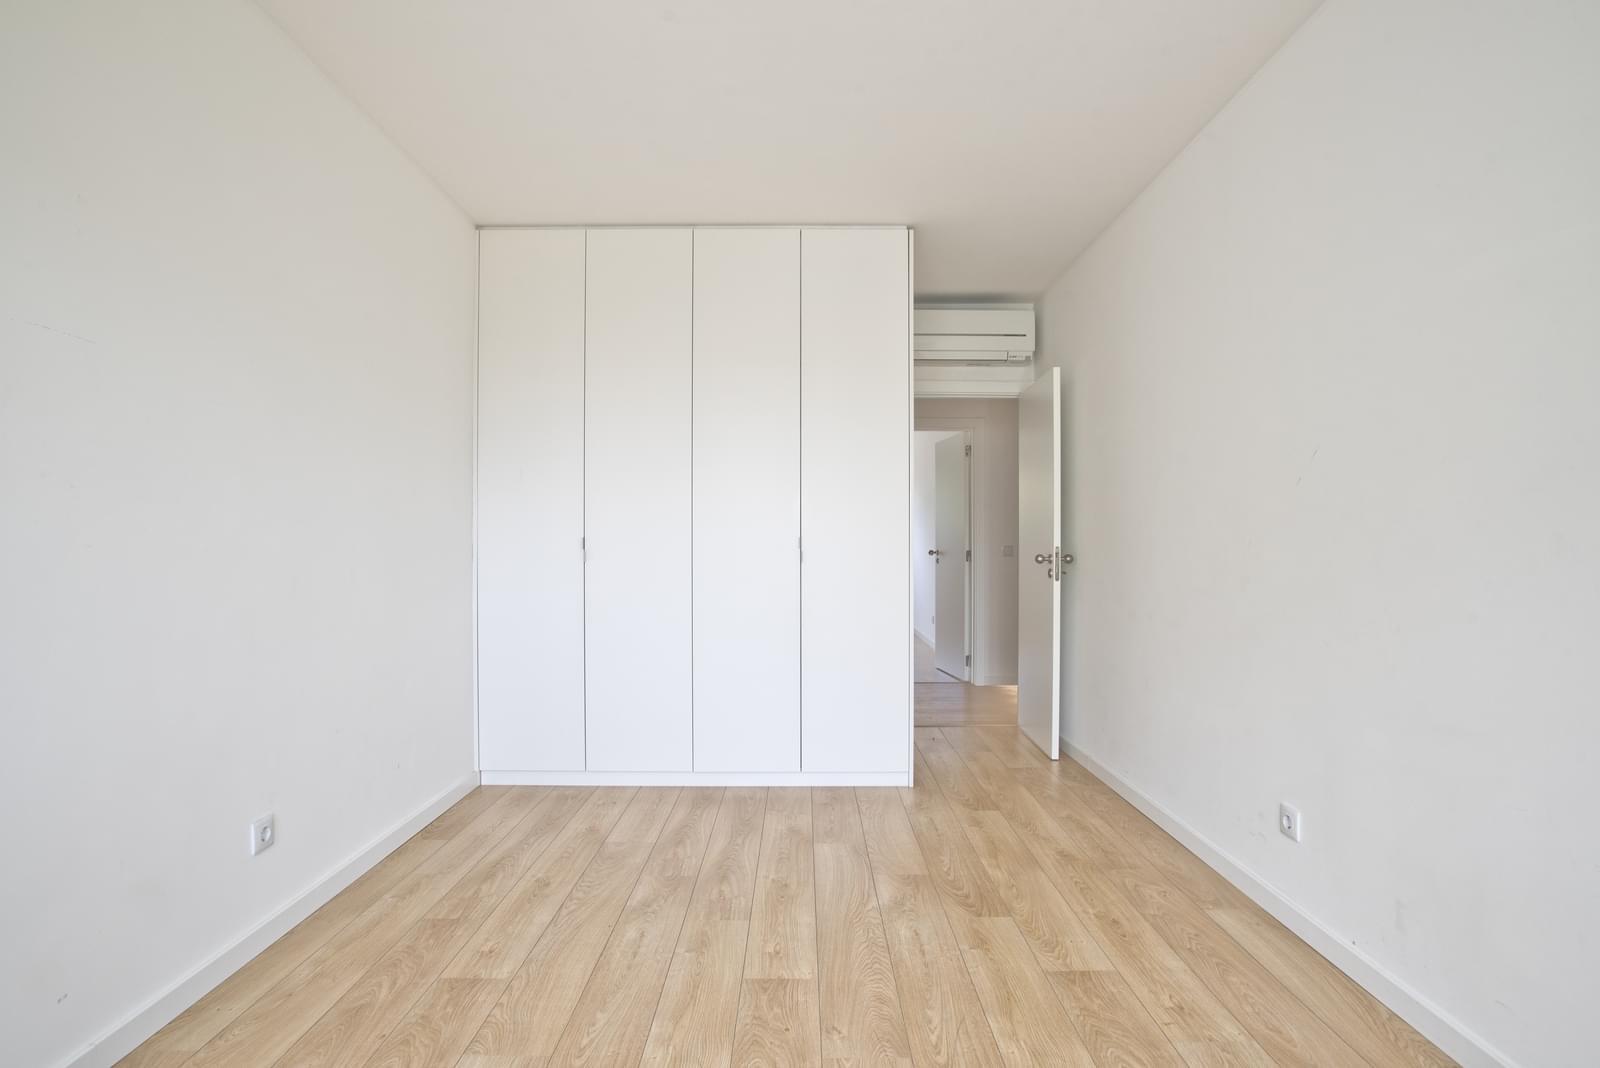 pf13975-apartamento-t4-oeiras-209eff80-e302-4595-9e8b-ce2d7d59a0f6